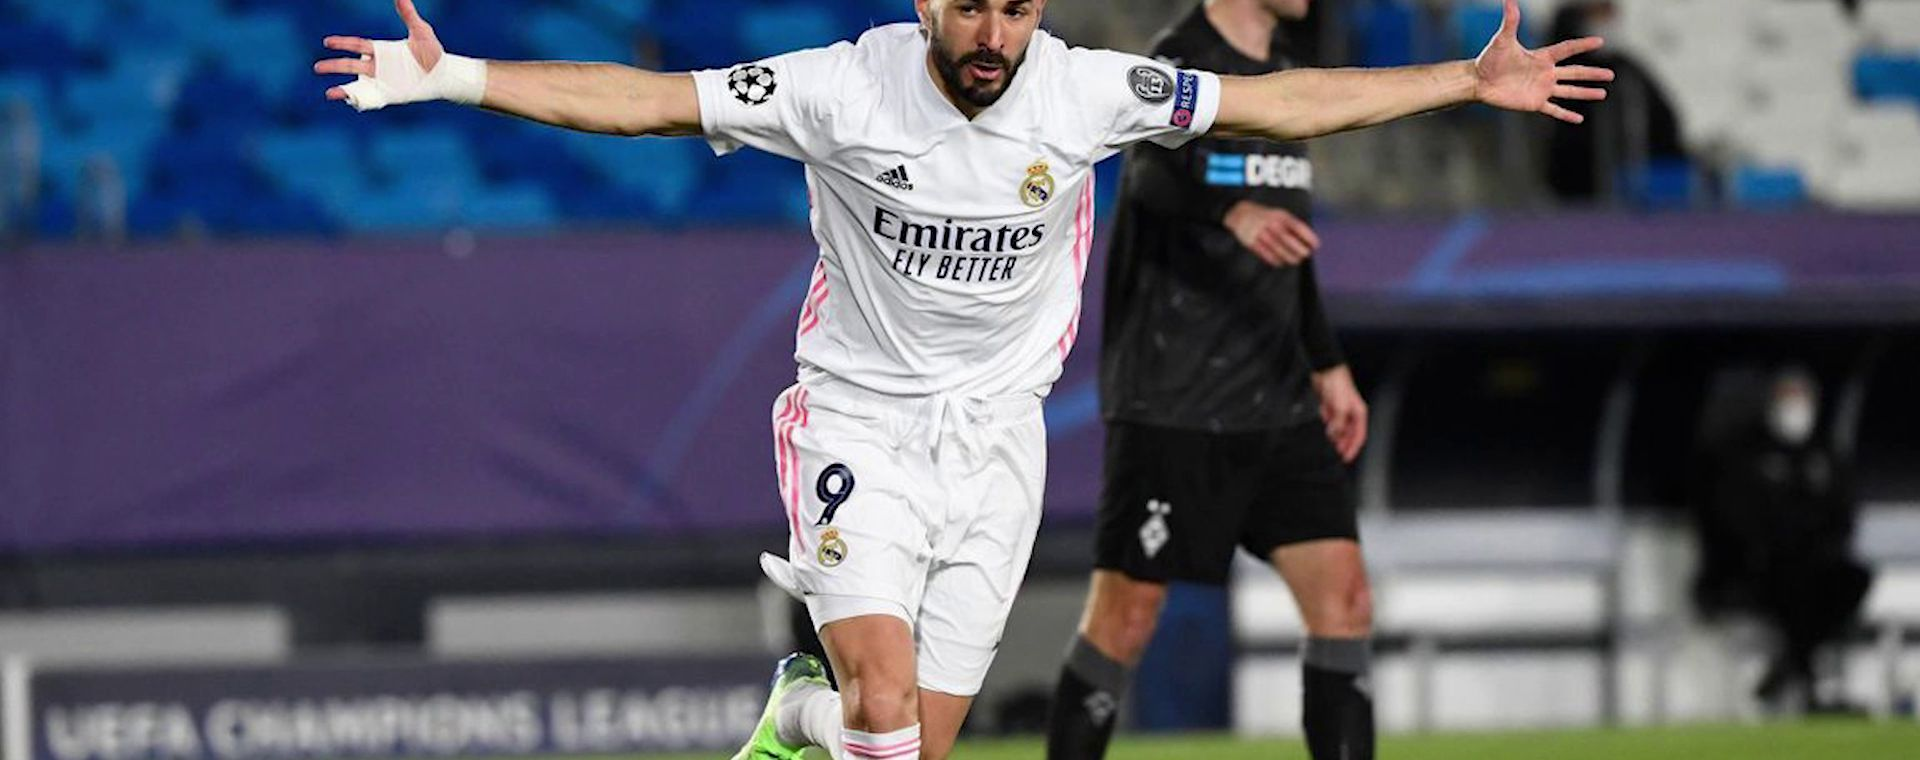 Benzema's brace